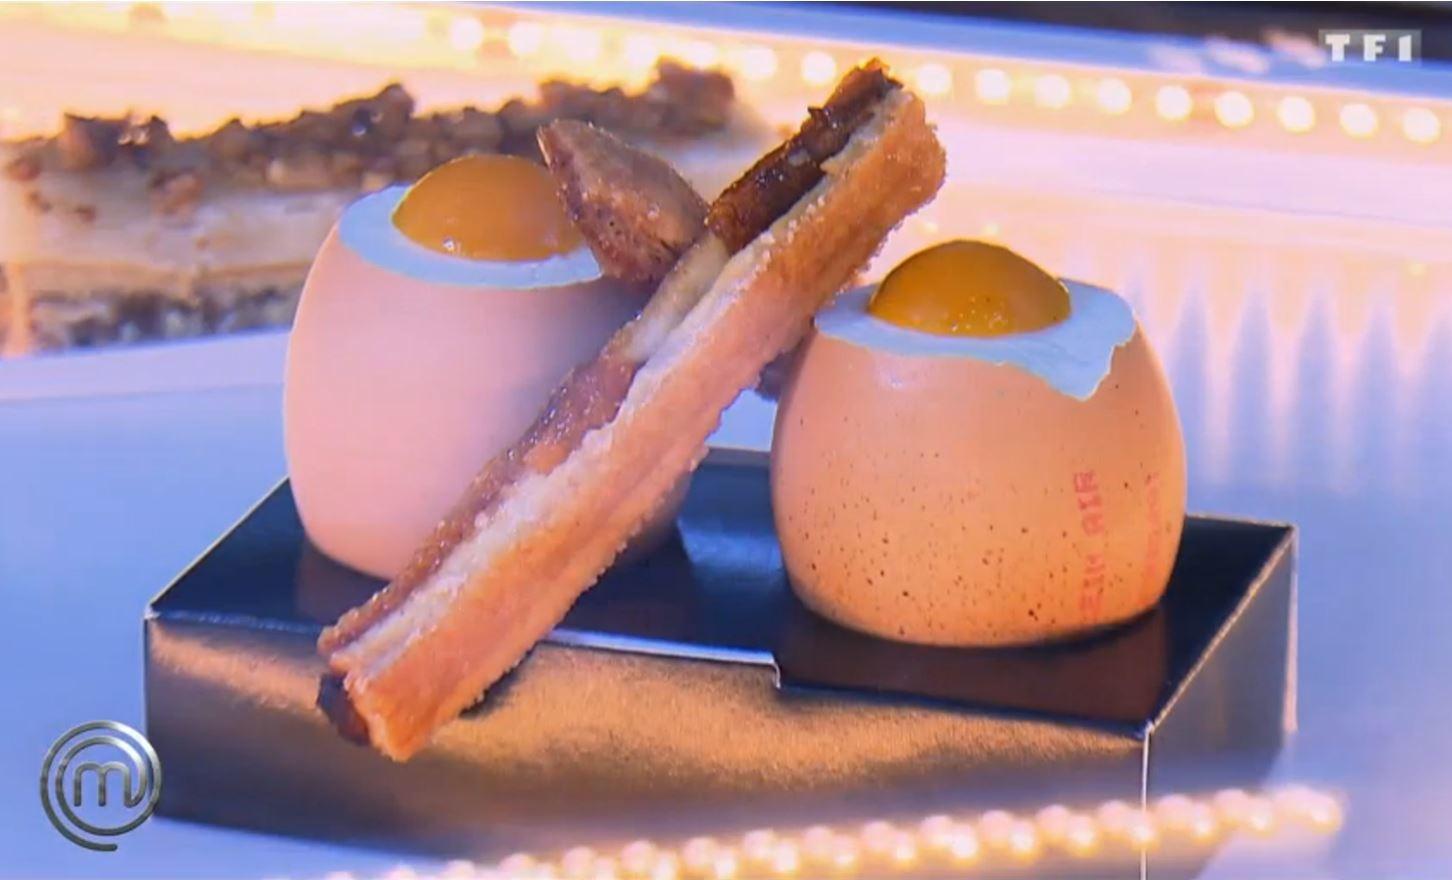 Masterchef : L'œuf en trompe l'œil du Chef Yannick Delpech